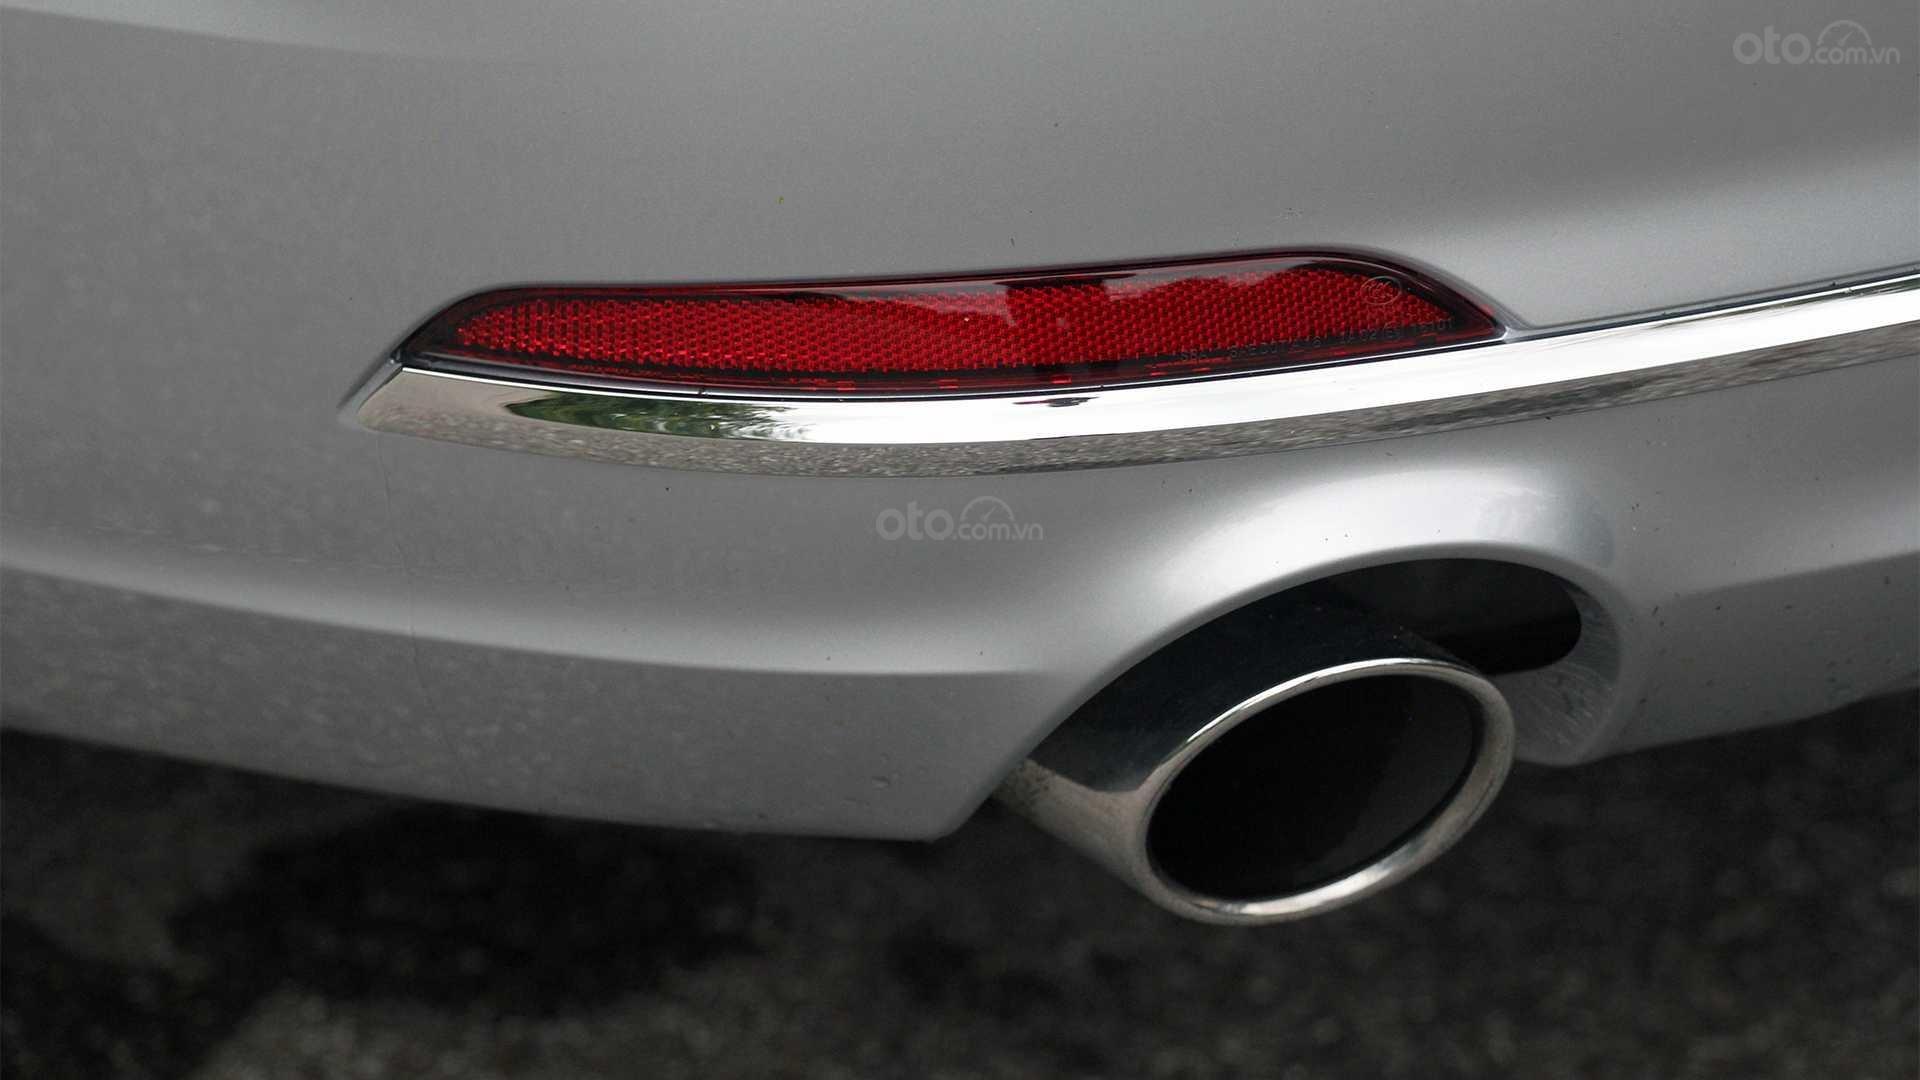 Đánh giá xe Audi A5 2019 - Bộ ống xả